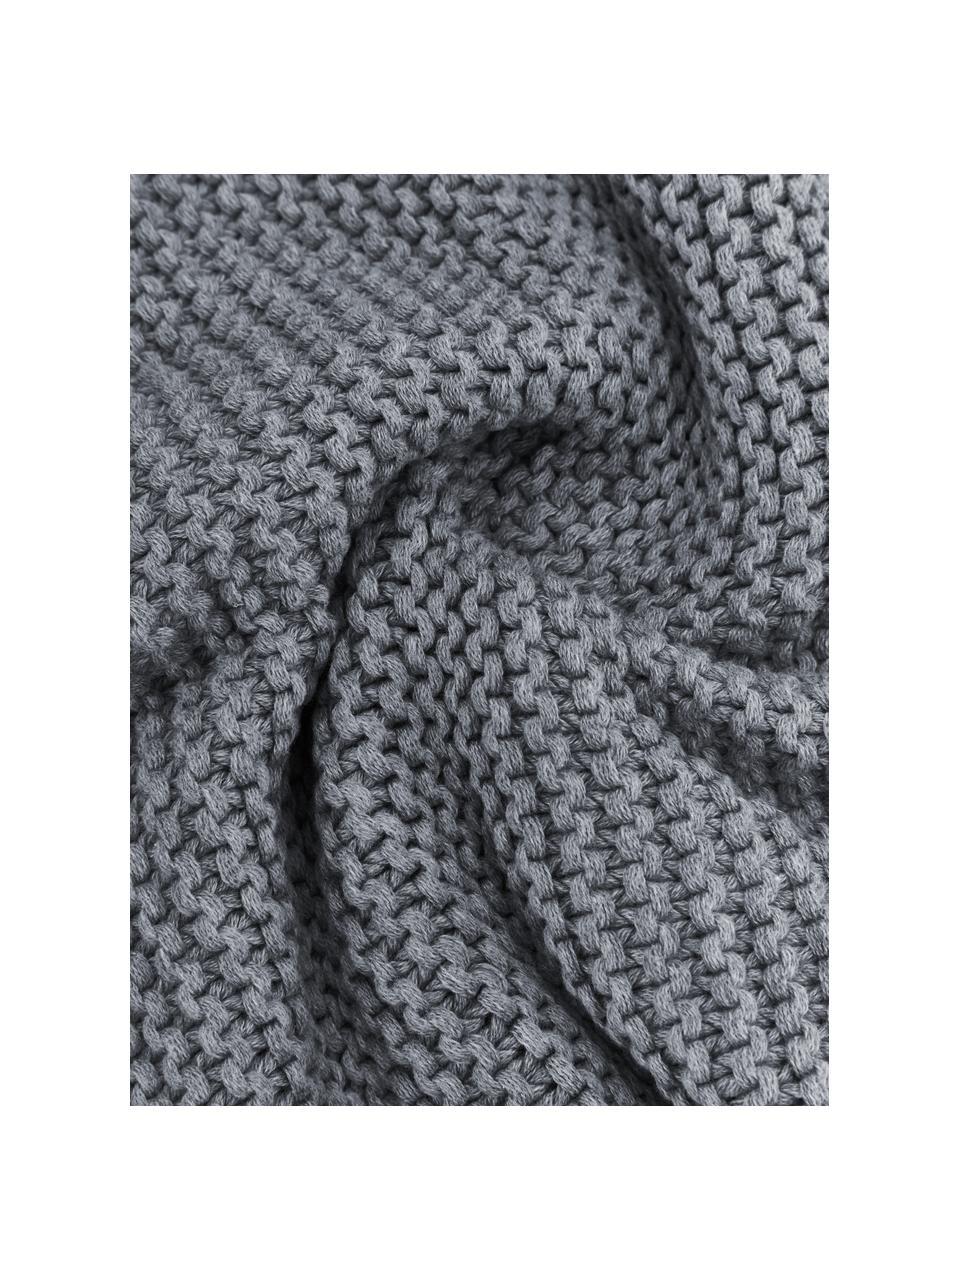 Federa arredo a maglia in cotone biologico grigio Adalyn, 100% cotone biologico, certificato GOTS, Grigio, Larg. 60 x Lung. 60 cm